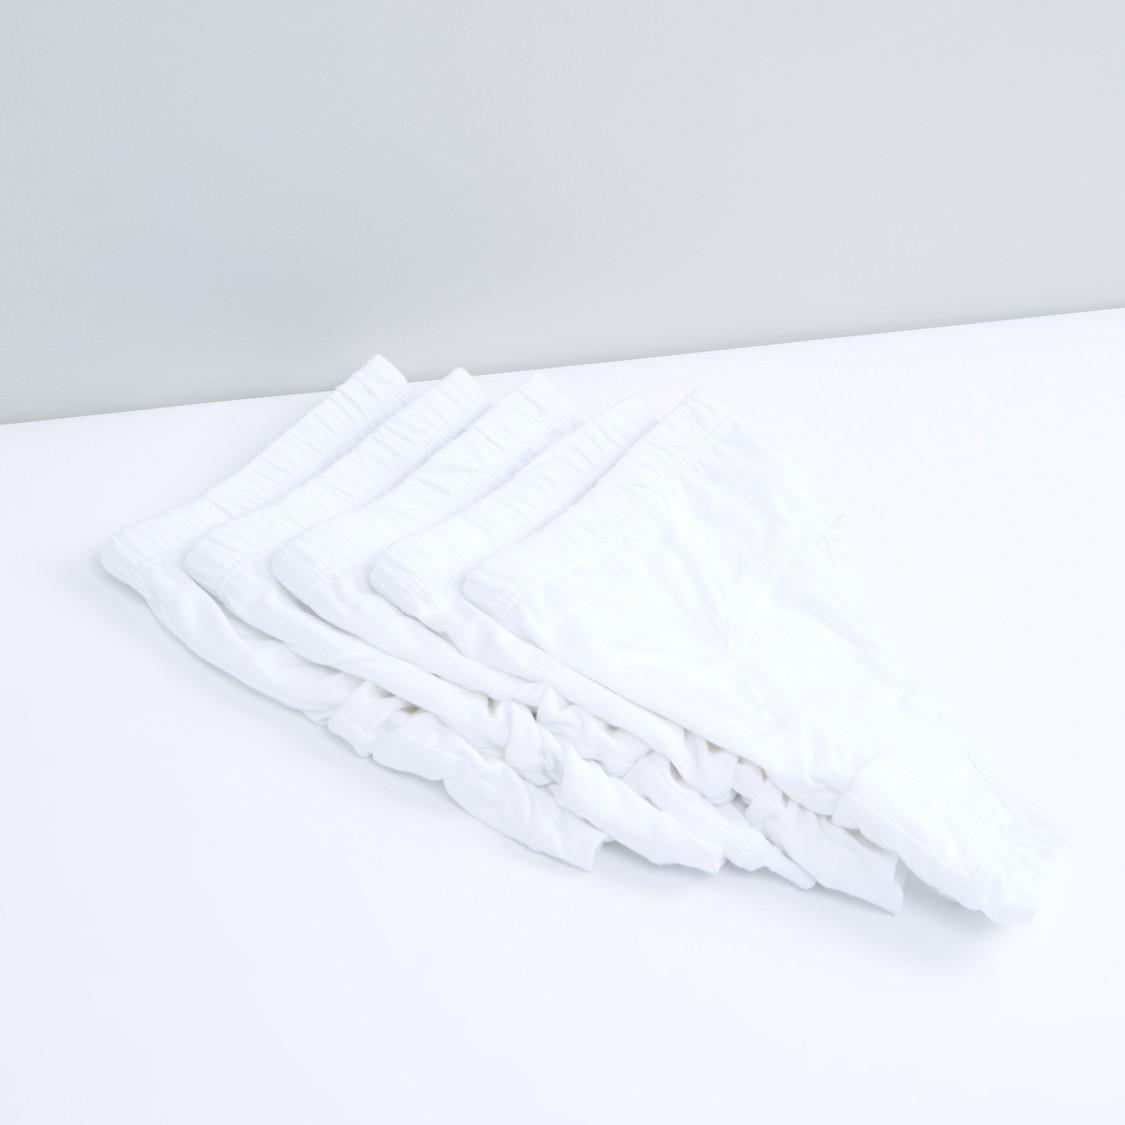 سراويل داخلية بخصر مطّاطي - طقم من 5 قطع